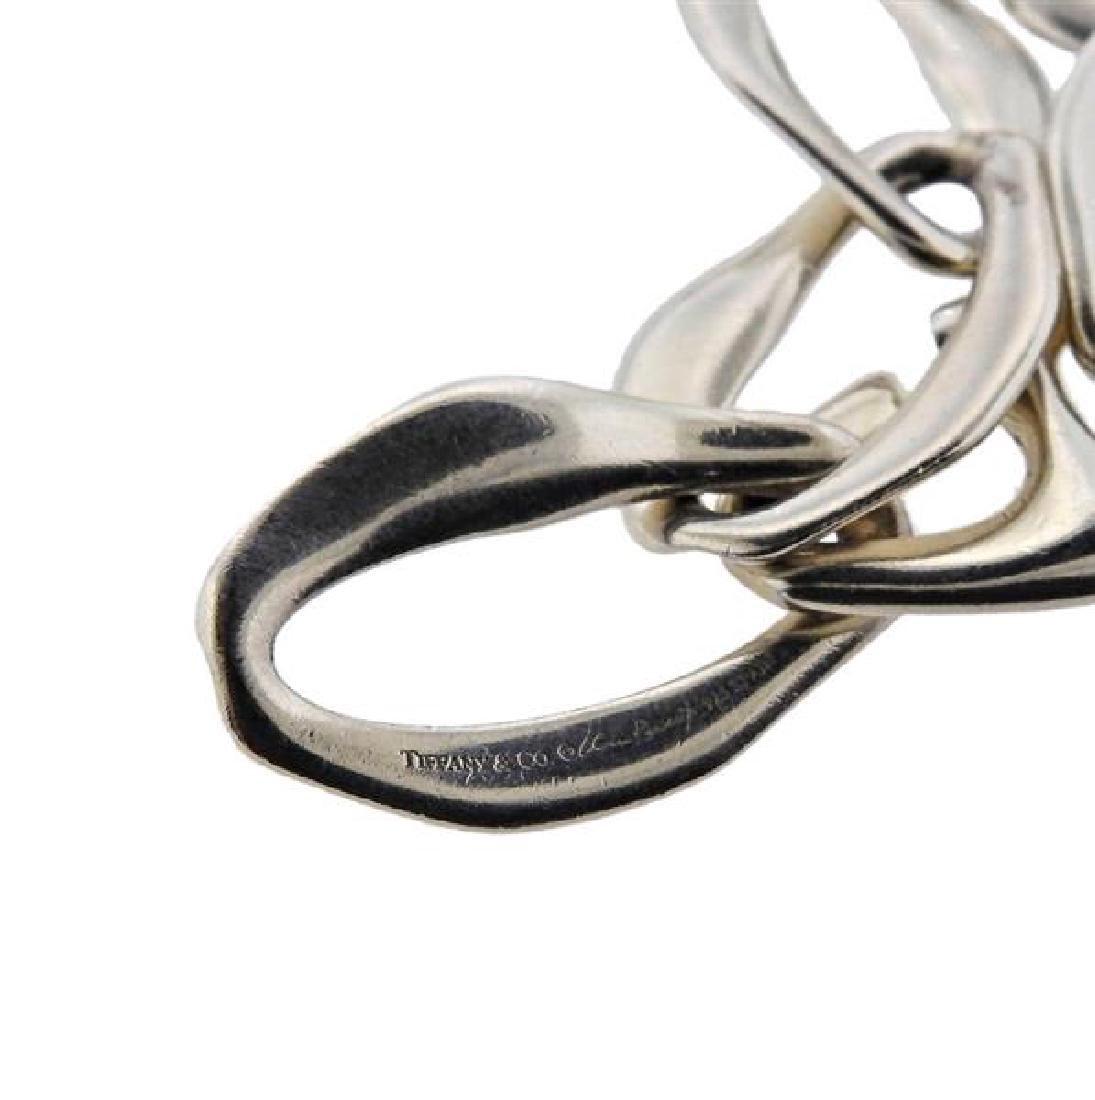 Tiffany & Co Peretti Aegean Silver Link Necklace - 3